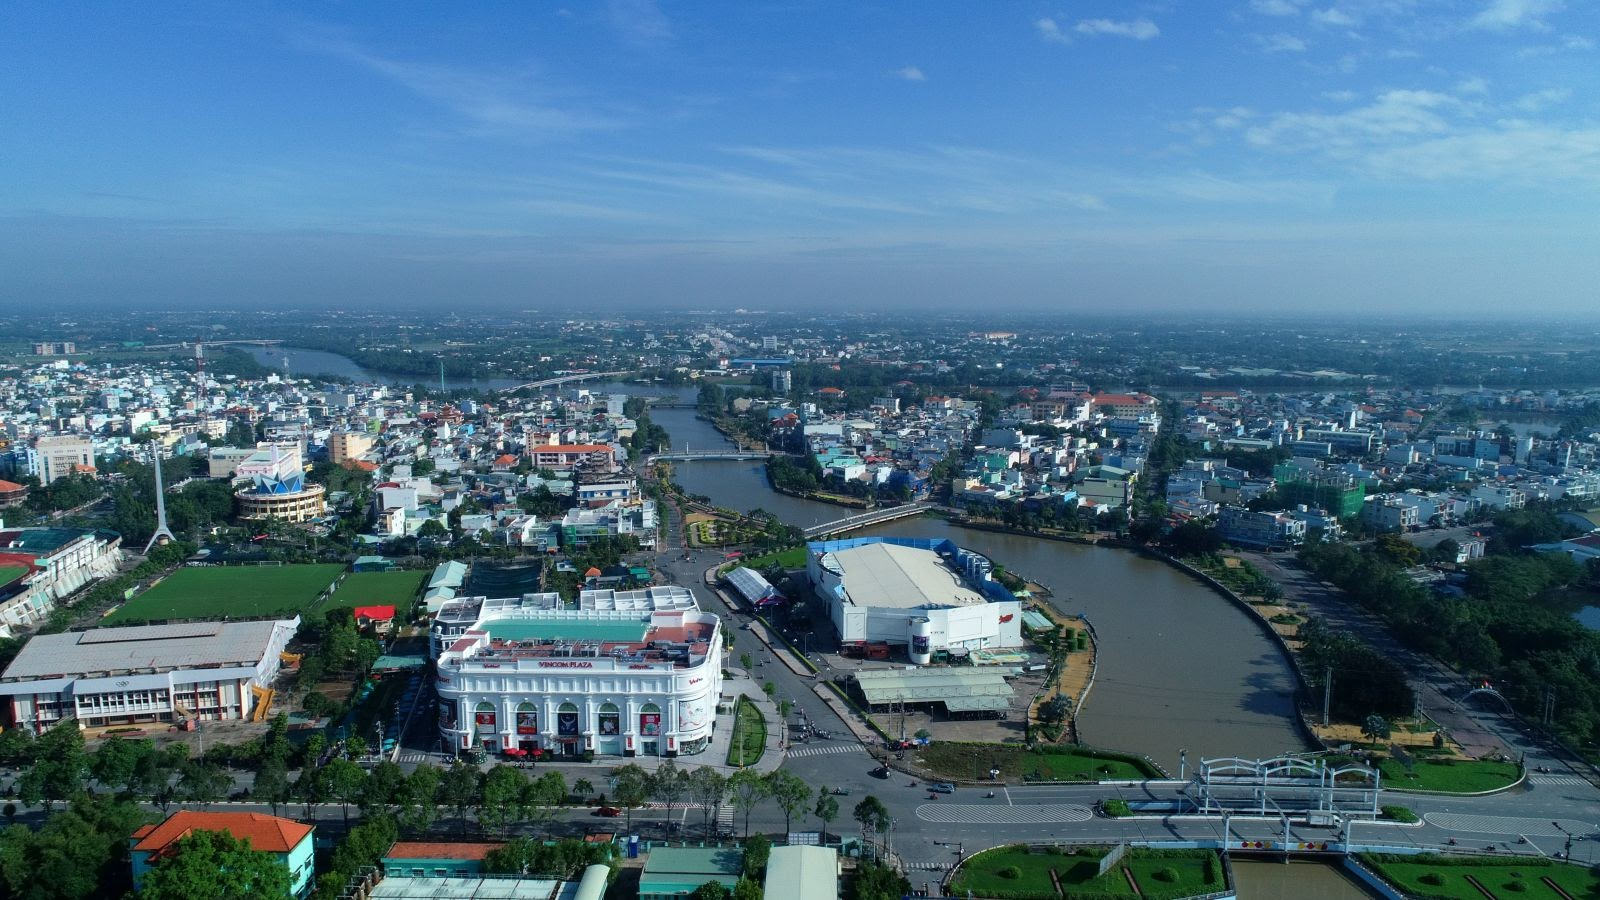 Tâm An trở thành trung tâm hành chính kinh tế của Long An